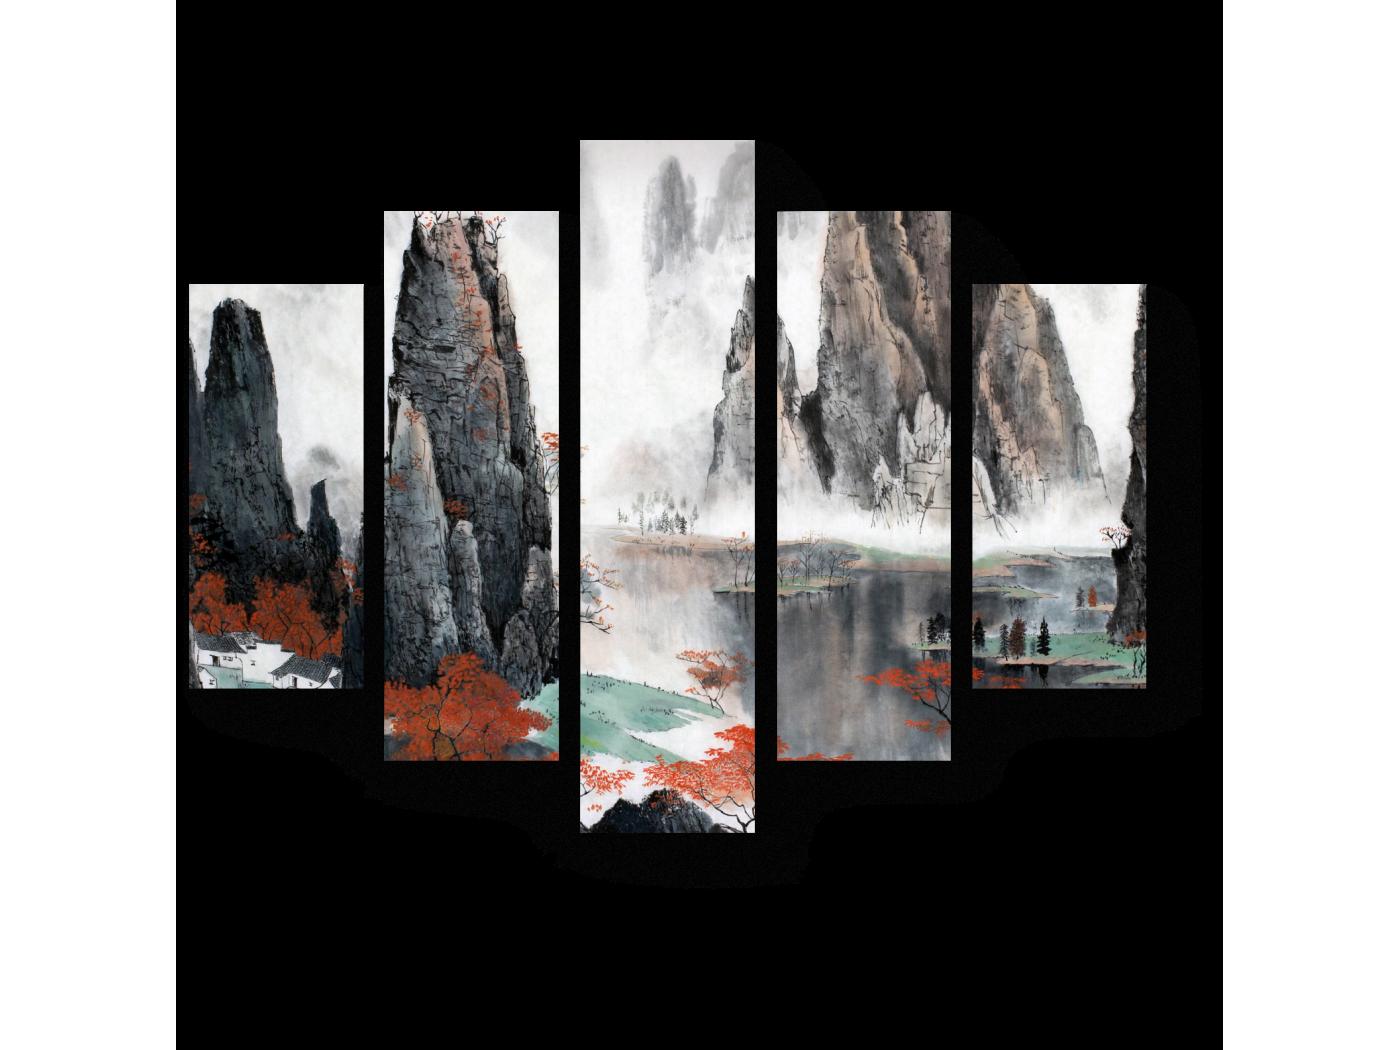 Модульная картина Путешествие среди гор (75x60)